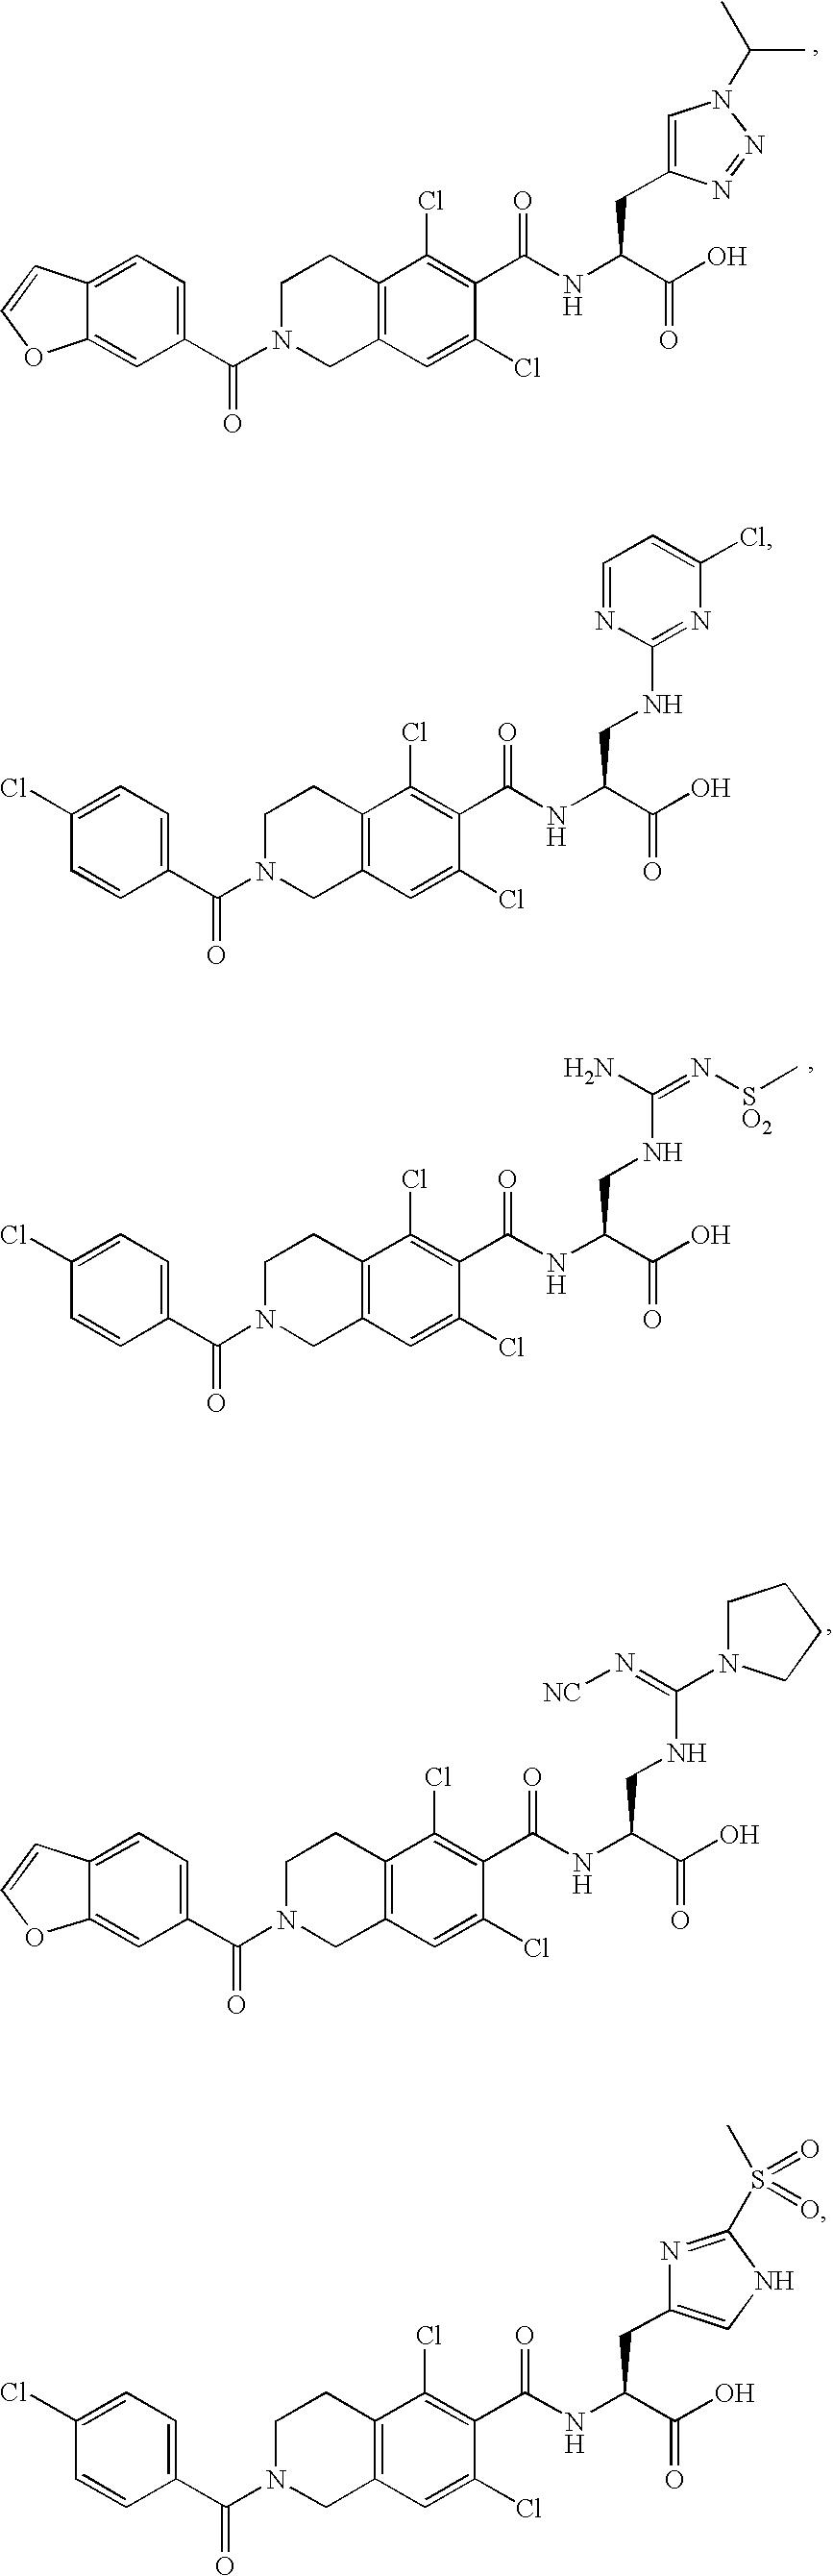 Figure US07790743-20100907-C00259